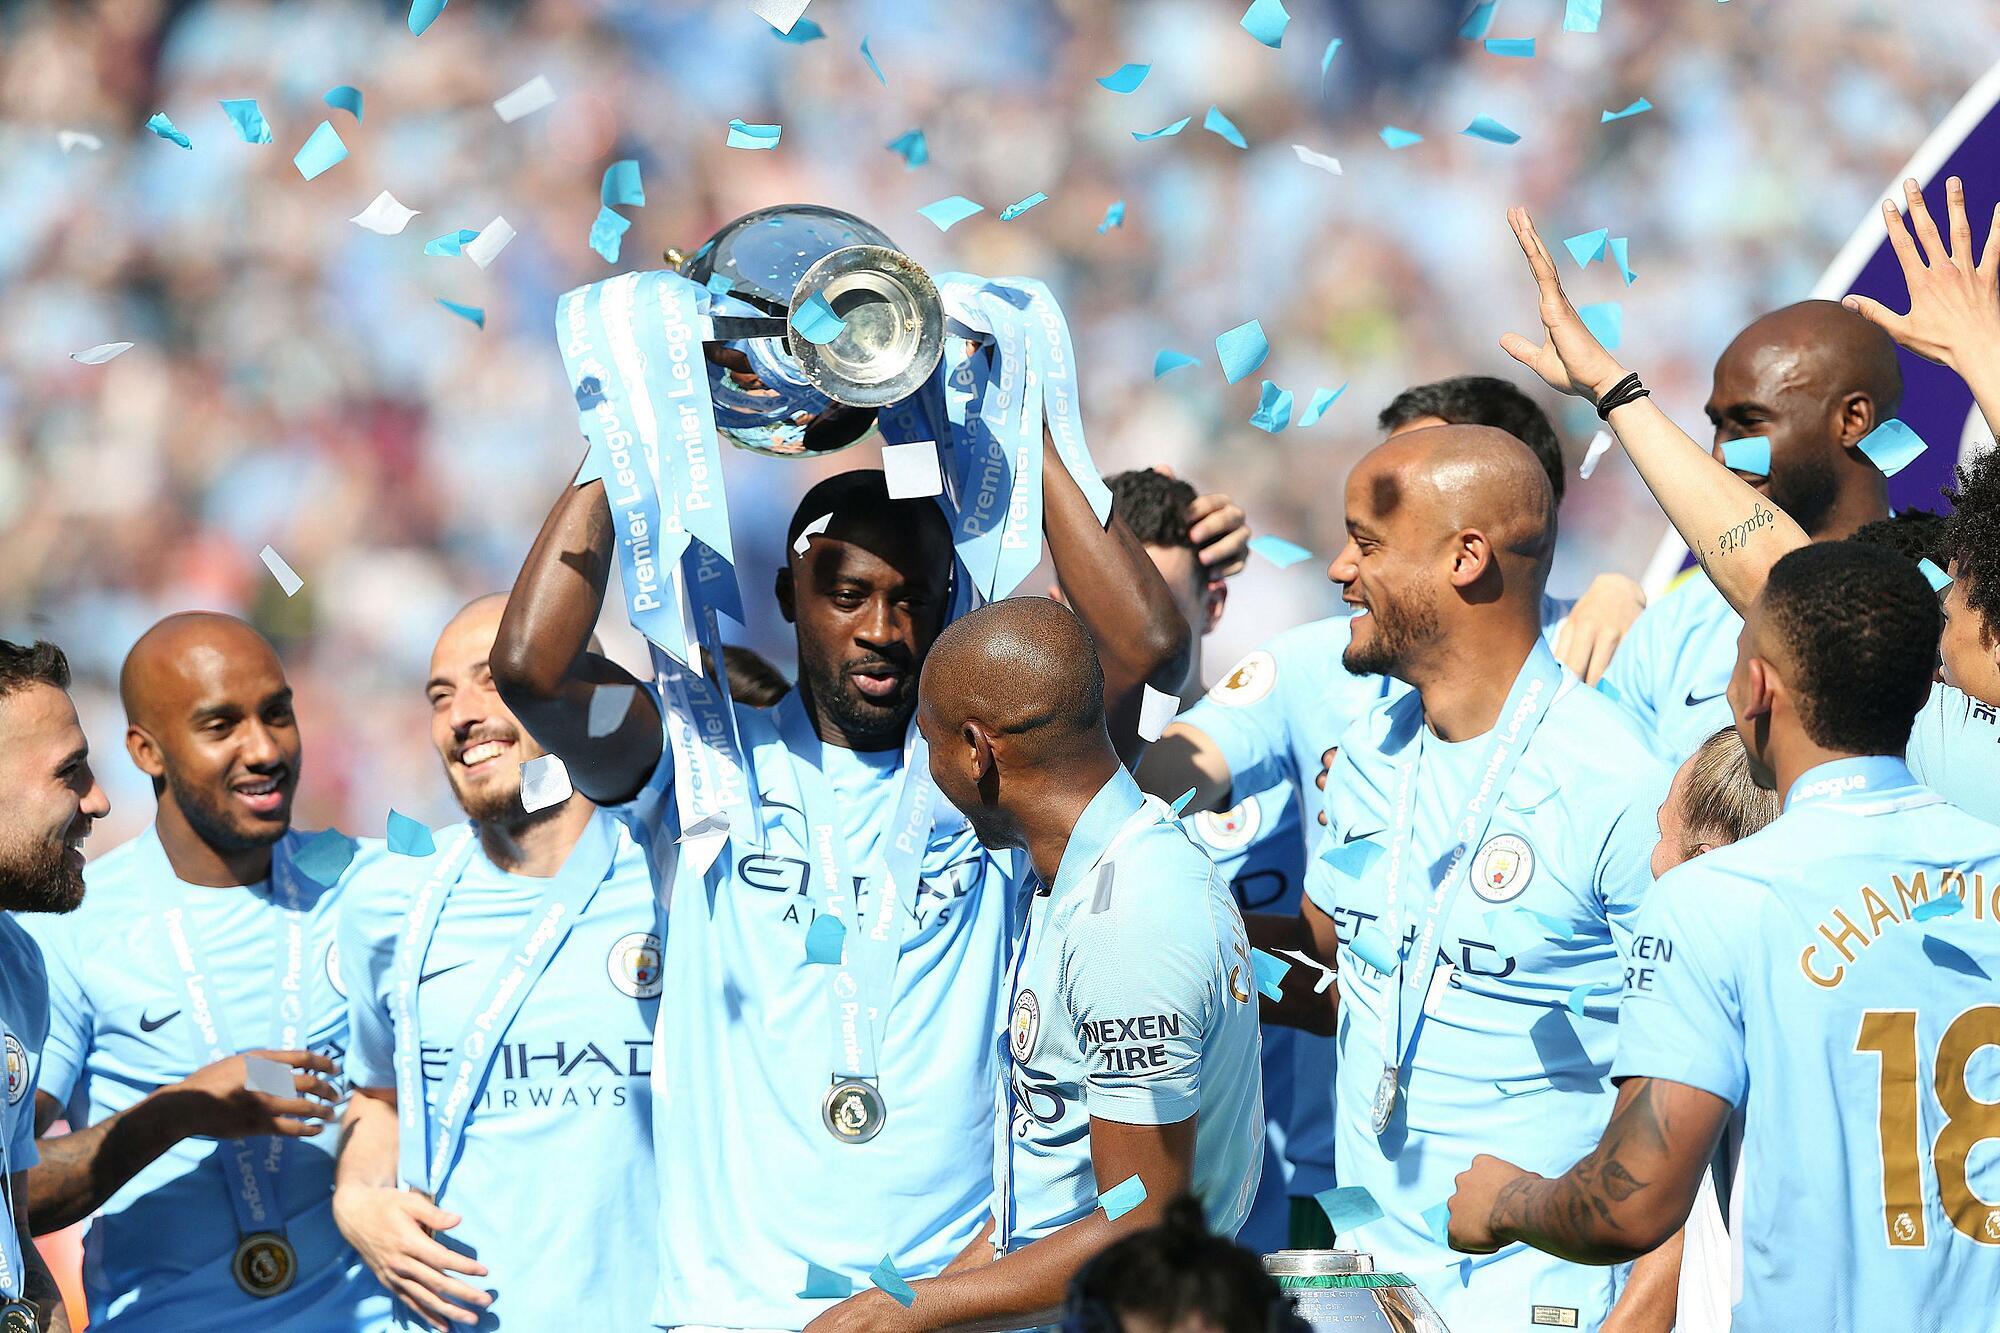 Yaya Toure memenangkan tujuh gelar bersama Man City, termasuk tiga gelar Liga Inggris.  Foto: EPA